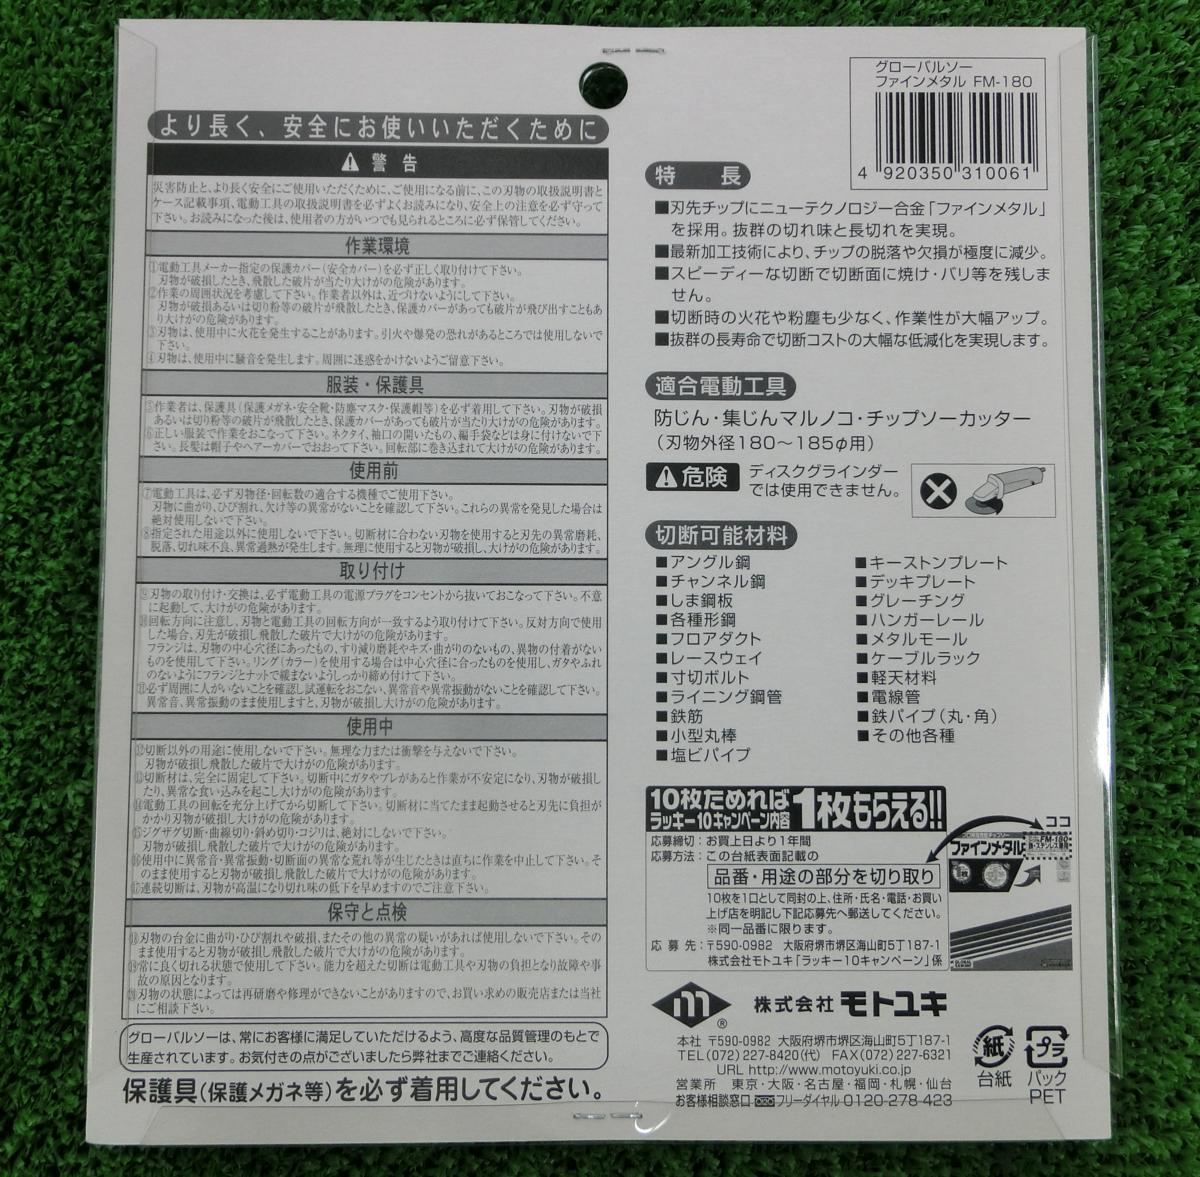 新品♪ モトユキ グローバルソー FM-180 ファインメタル (鉄・ステンレス兼用)2枚組_画像3